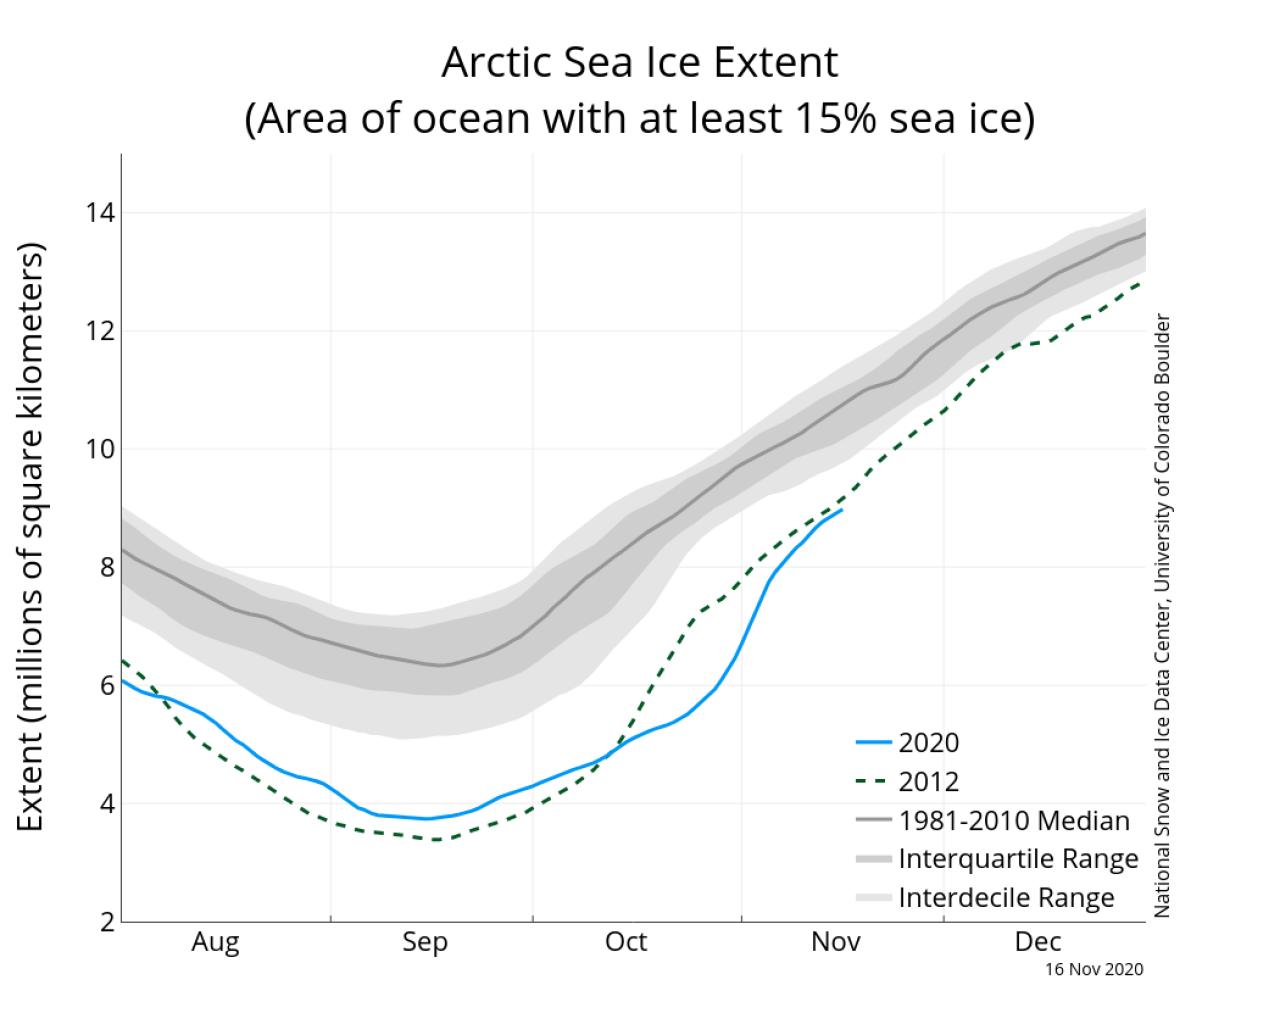 Recupero dell'estensione del ghiaccio marino nell'Artico (fonte NSIDC)